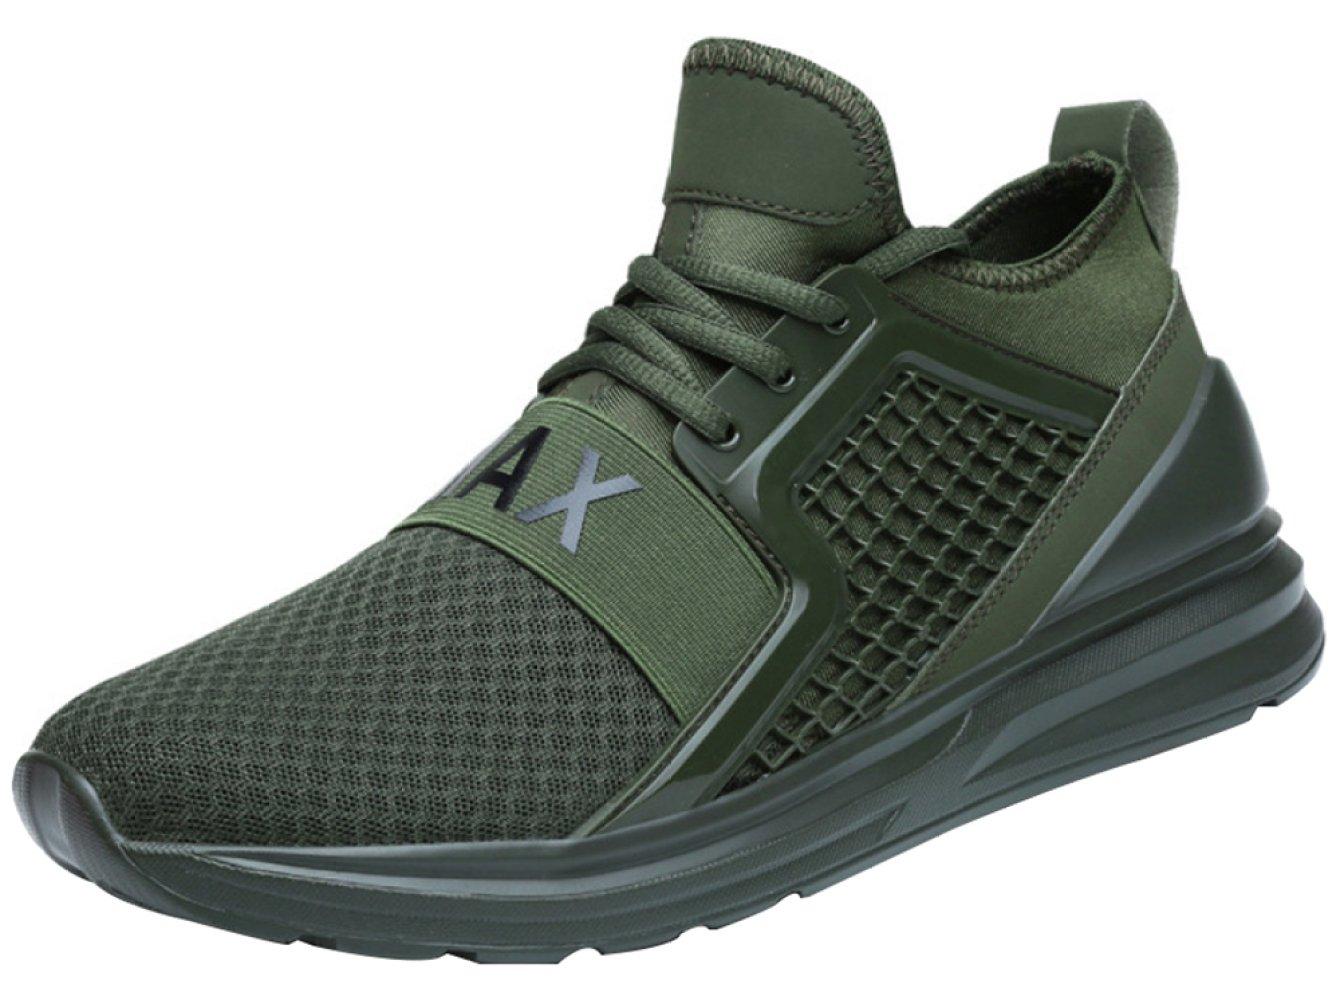 Zapatillas Casuales De Los Hombres Con Zapatos De Senderismo Transpirables De Moda 45EU|Green